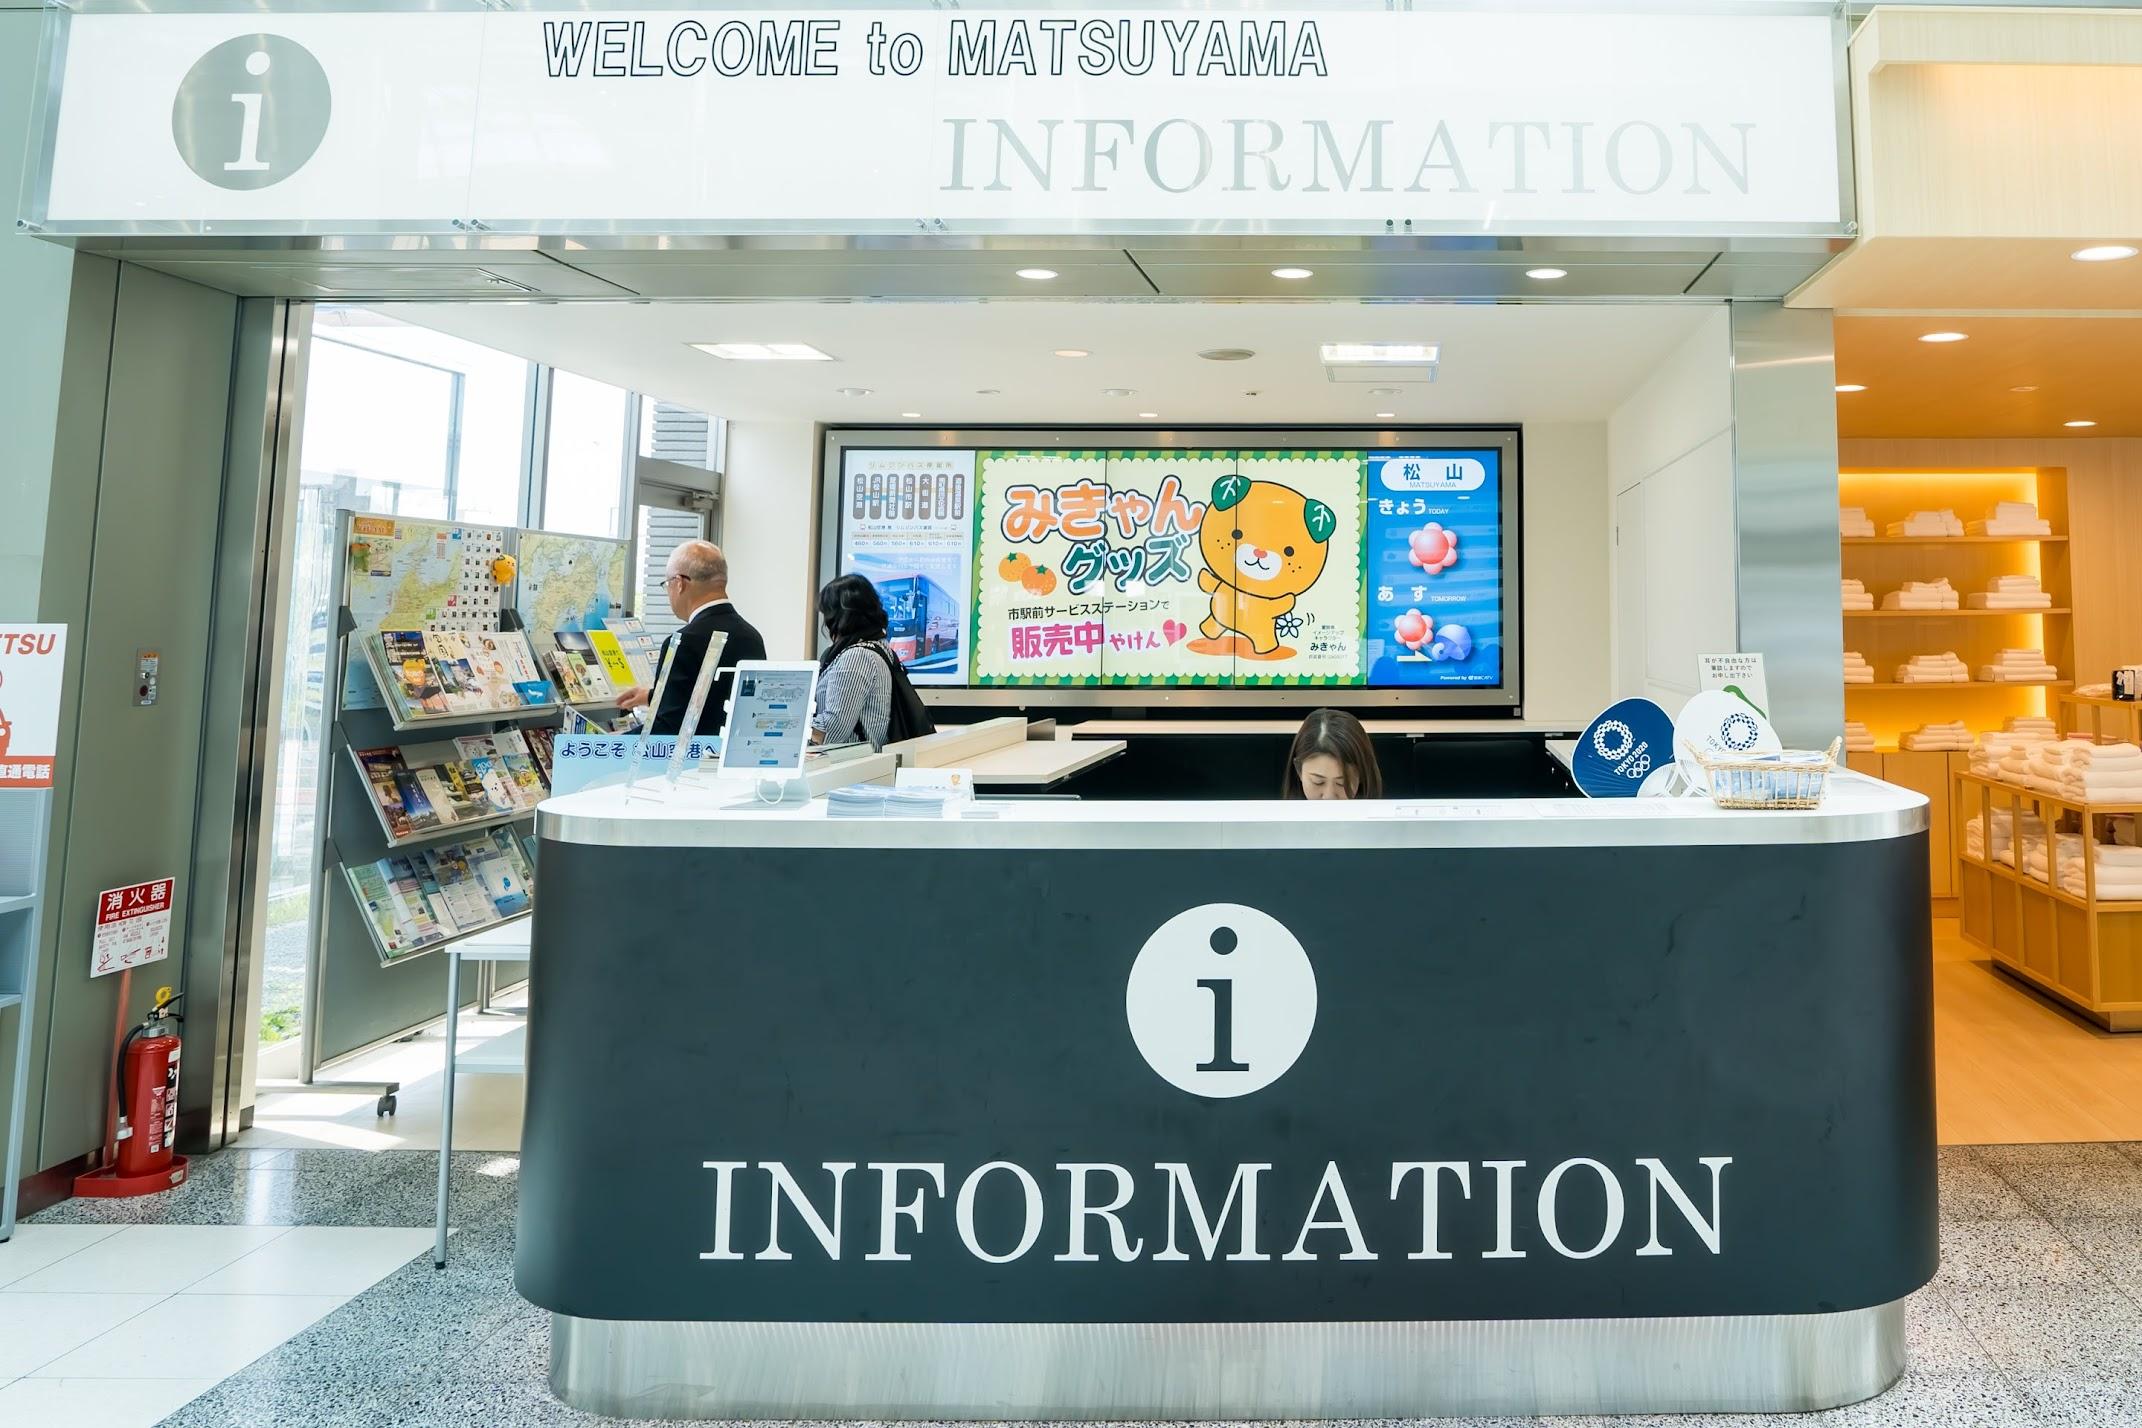 松山空港 インフォメーションカウンター